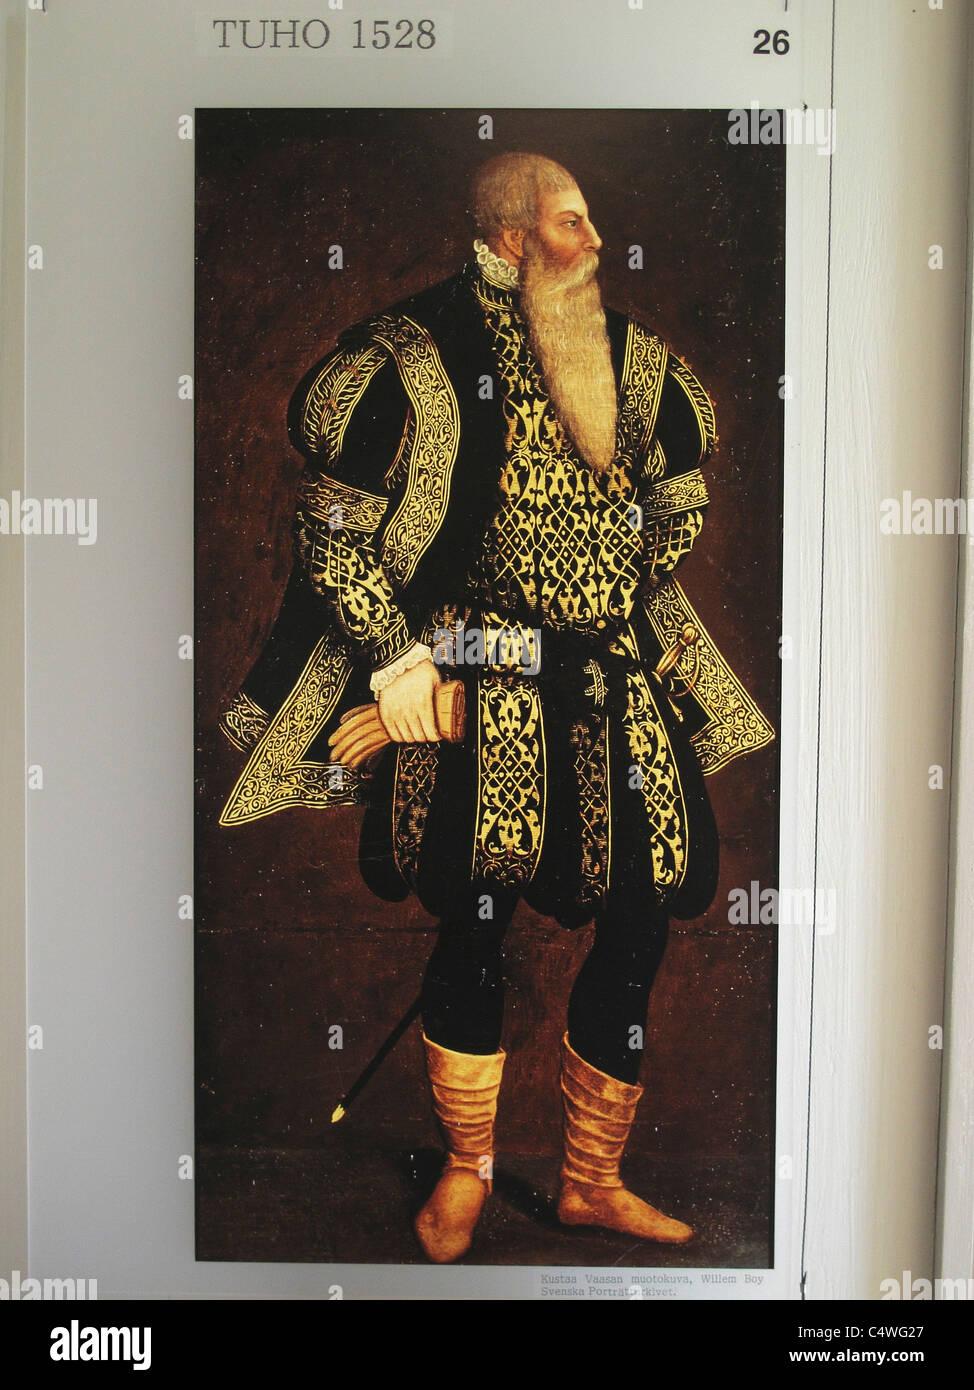 Scandinavia Finnland finnische historischen Tuho 1528 Stockbild